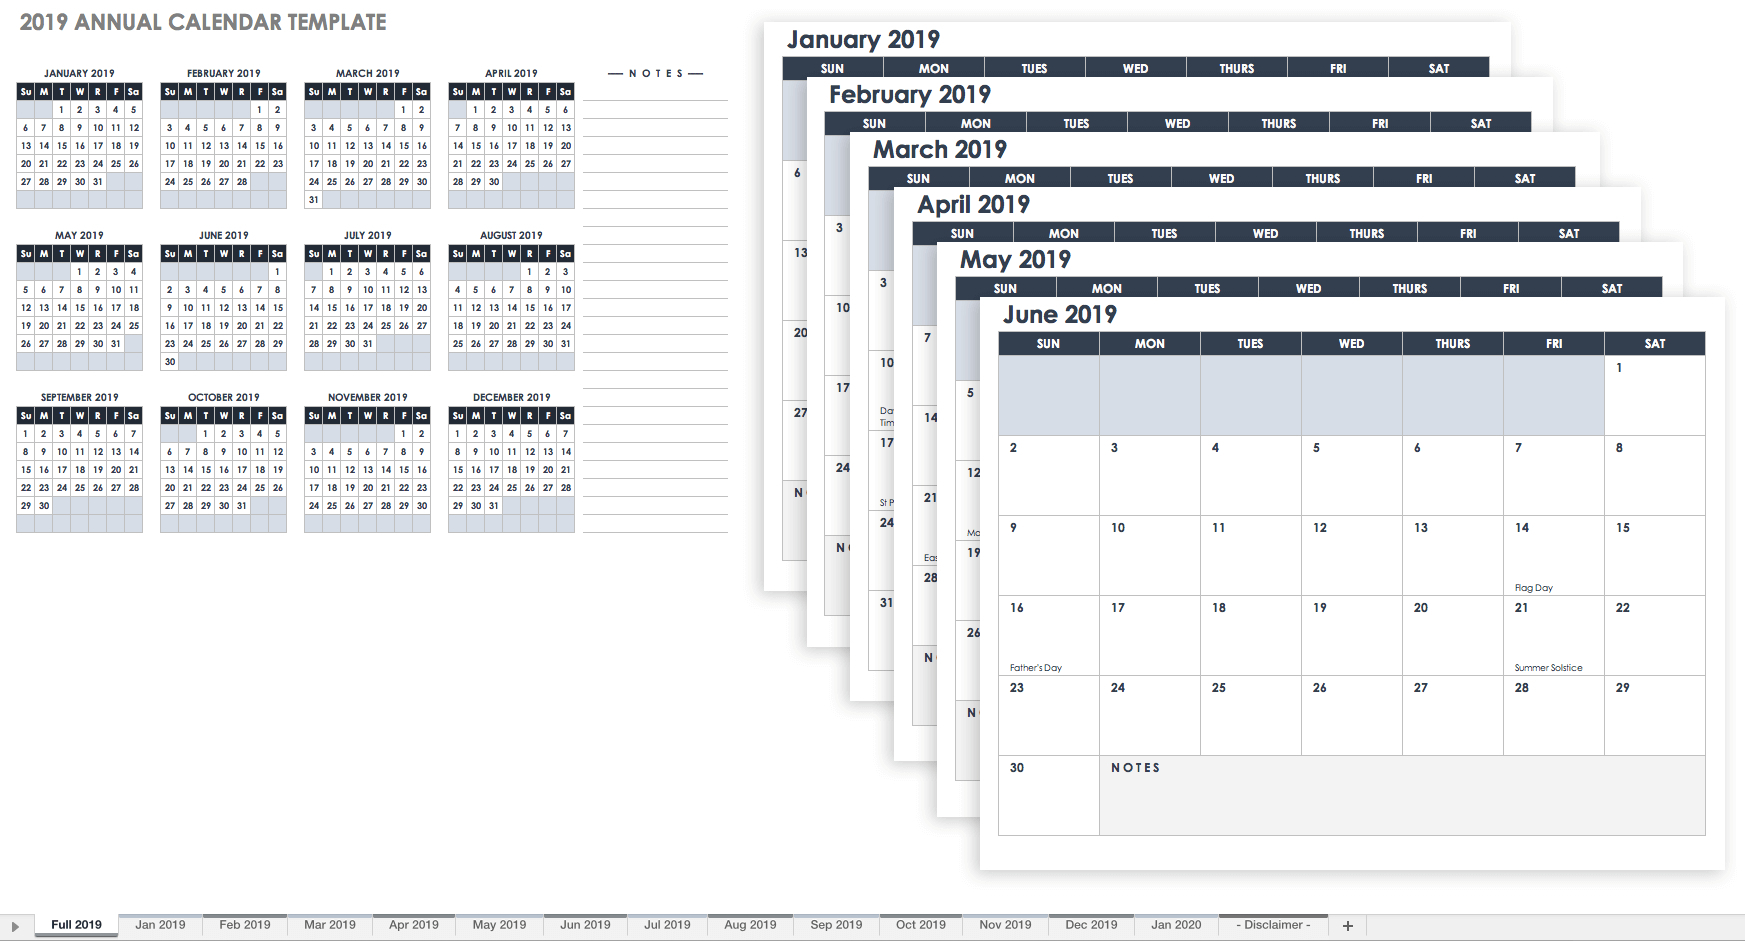 Free Printable 2020 Employee Attendance Calendar - Peri.con